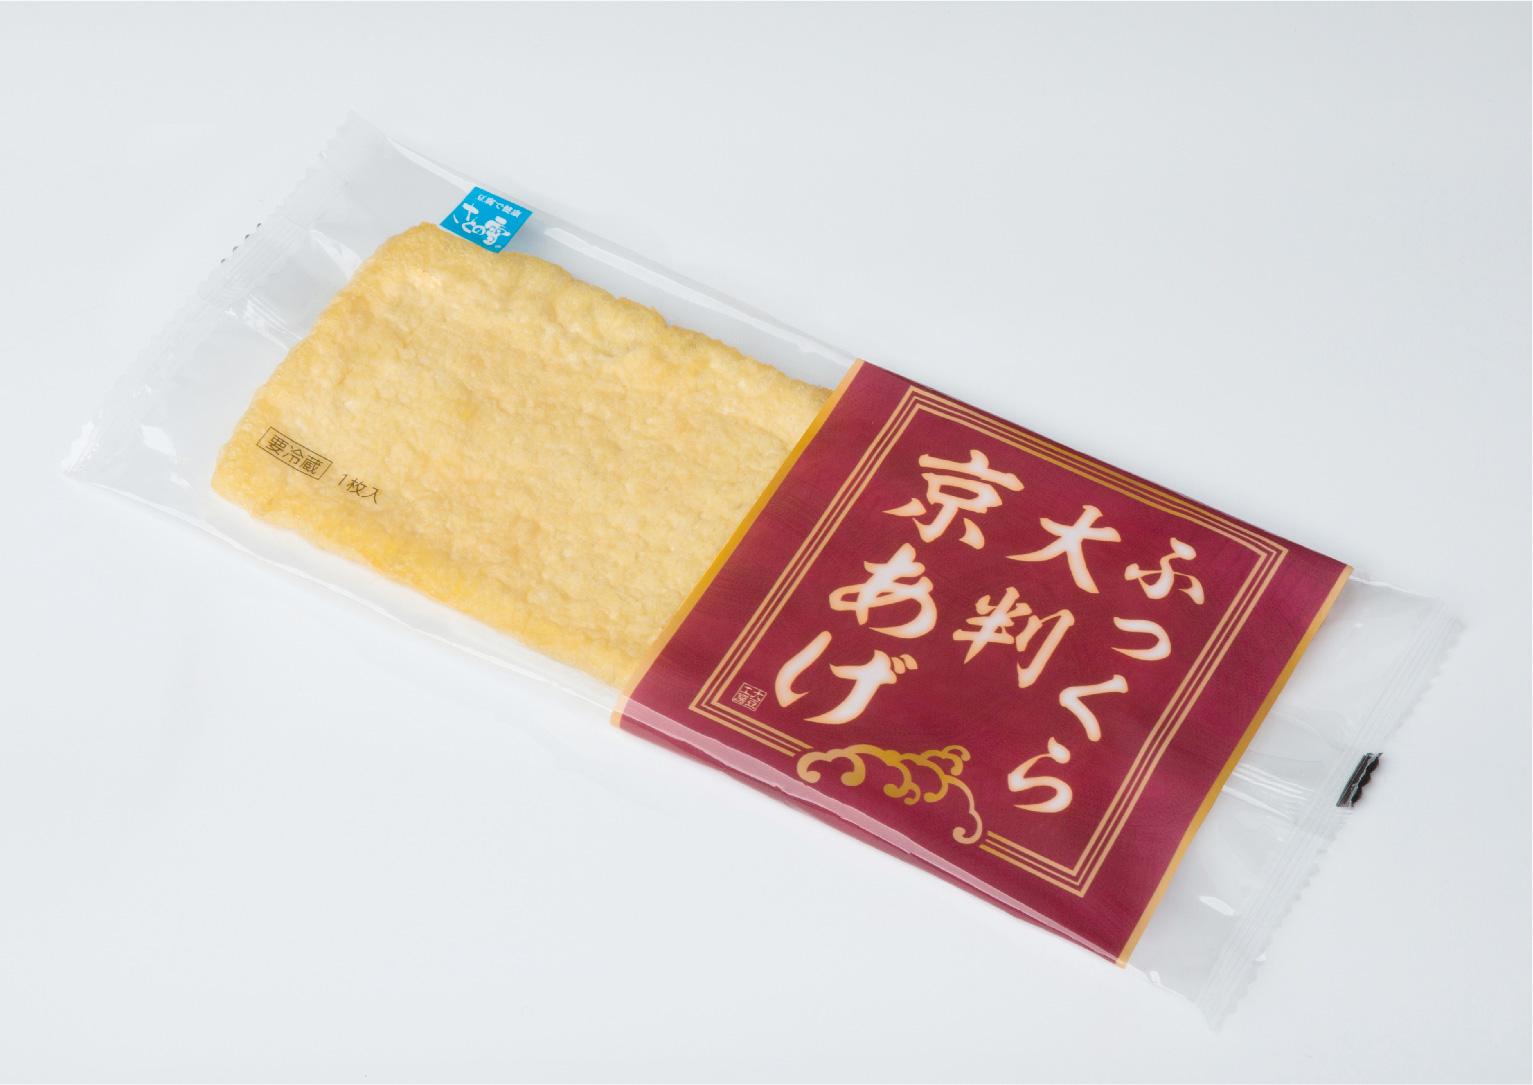 さとの雪食品株式会社様 イメージ2